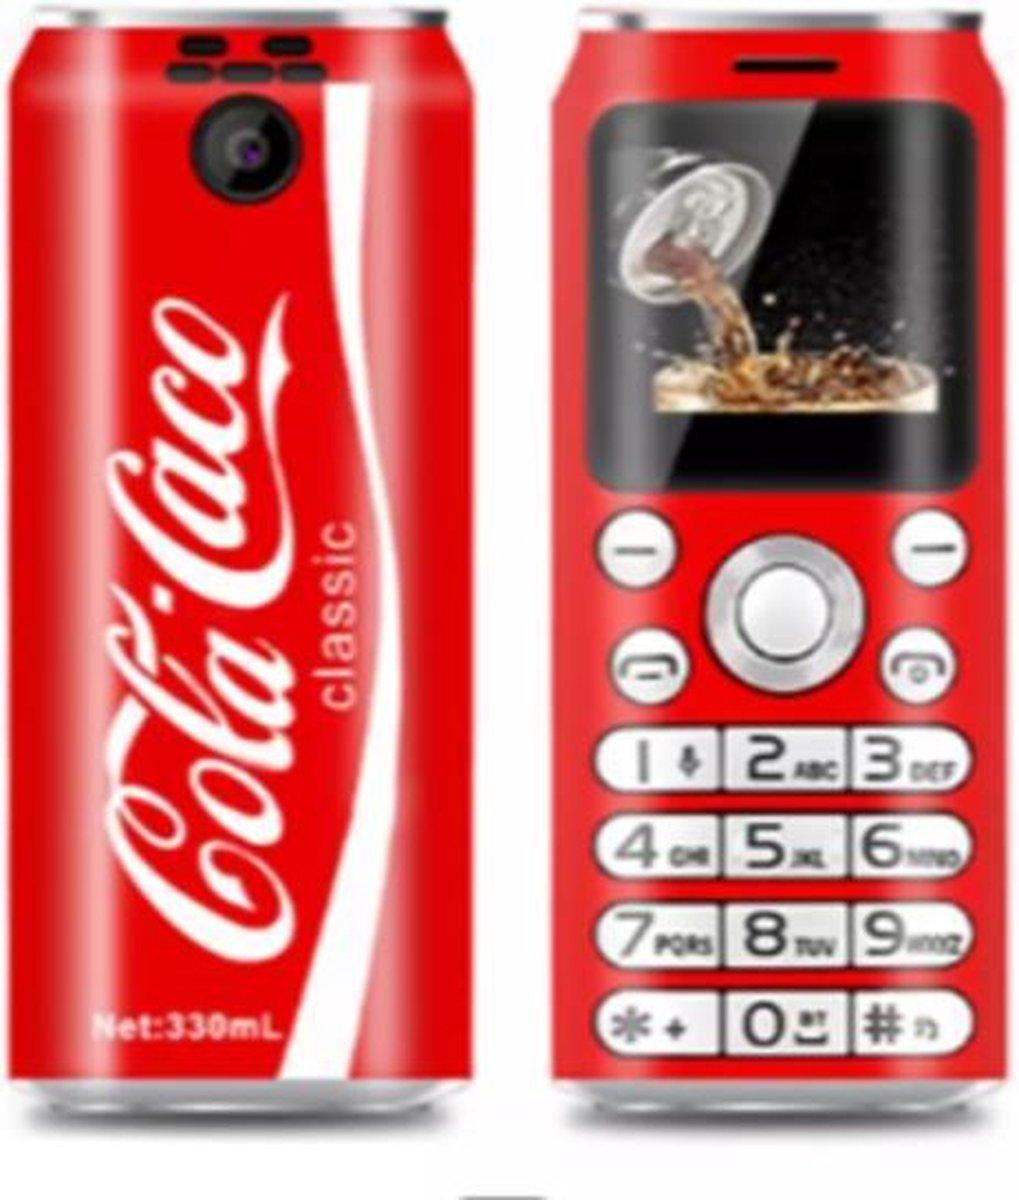 Mini Gsm – Mini Telefoon – Coca Cola  Kleine Gsm –  Kleine Telefoon – Coca Cola Mini Gsm – Met Dual Sim – Buletooth & Camera 2 simkaarten in een telefoon !